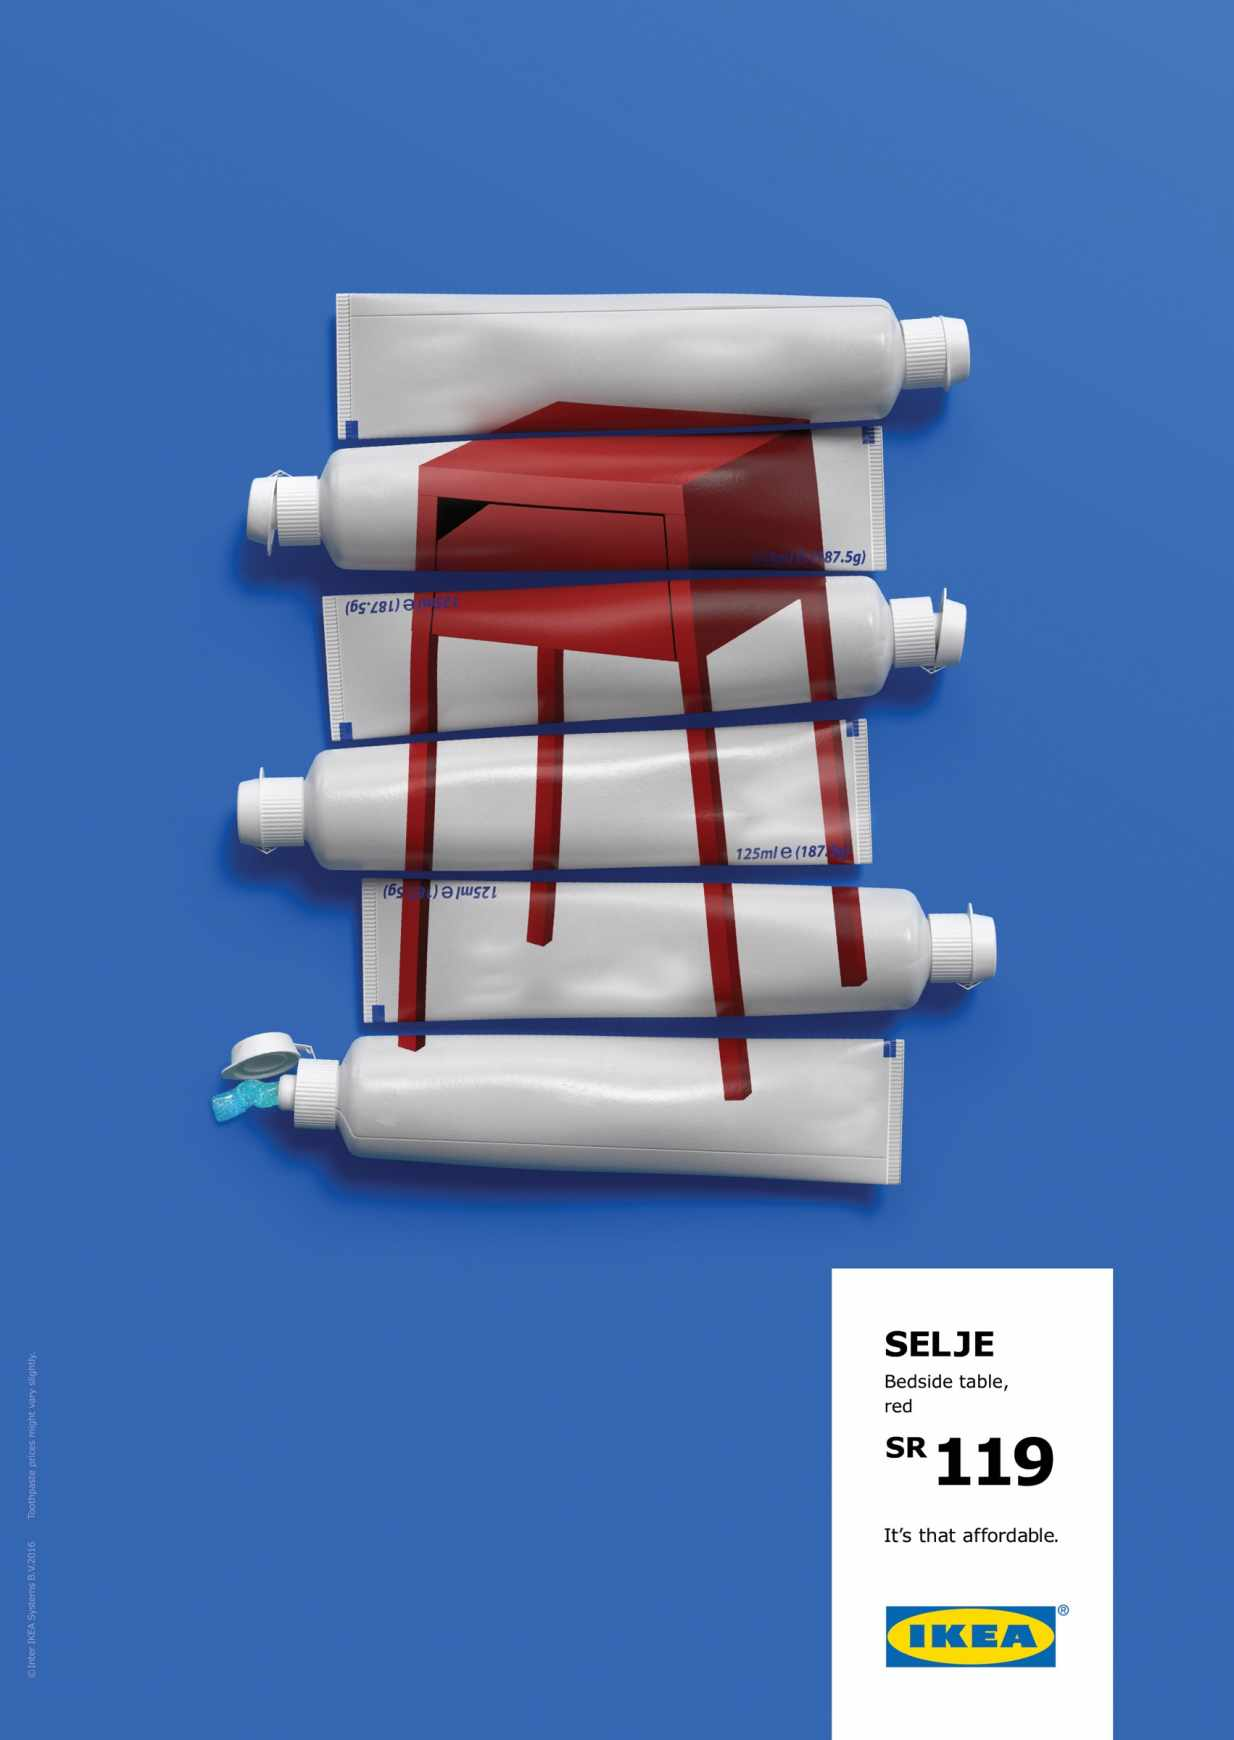 IKEA Uygun Fiyat Stratejisini Her Gün Kullandığımız Nesnelerle Anlattı!